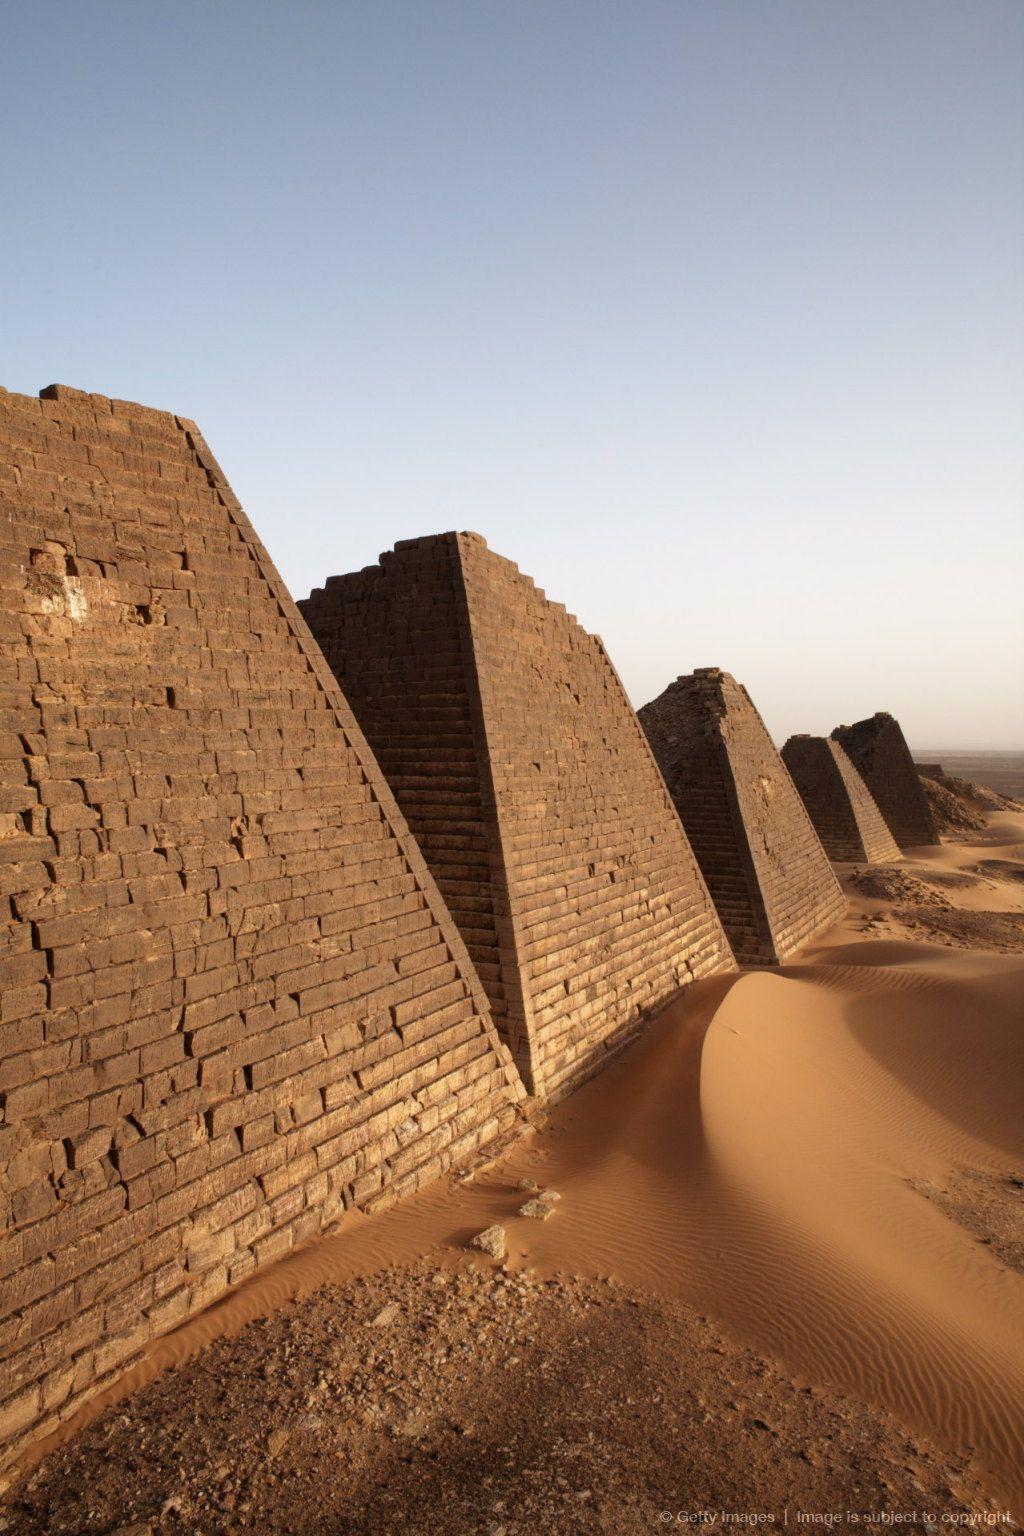 The pyramids of Meroe - Bagrawiyah, Sudan